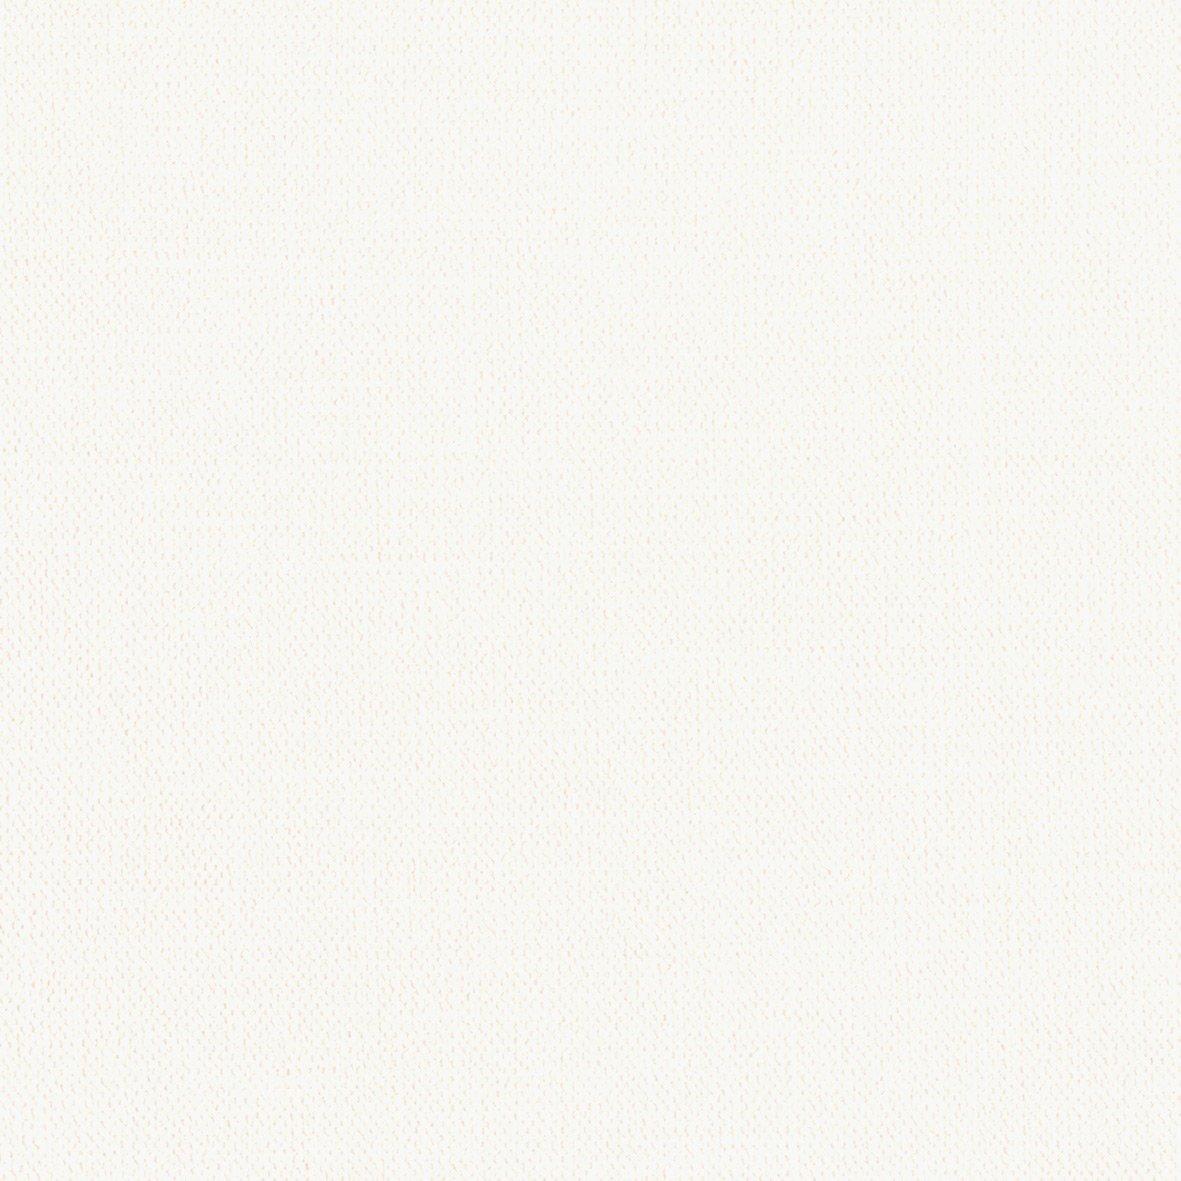 リリカラ 壁紙32m シンフル 織物調 ベージュ 消臭+汚れ防止 [ダブルクリーン] LV-6483 B01IHRVQM8 32m|ベージュ1